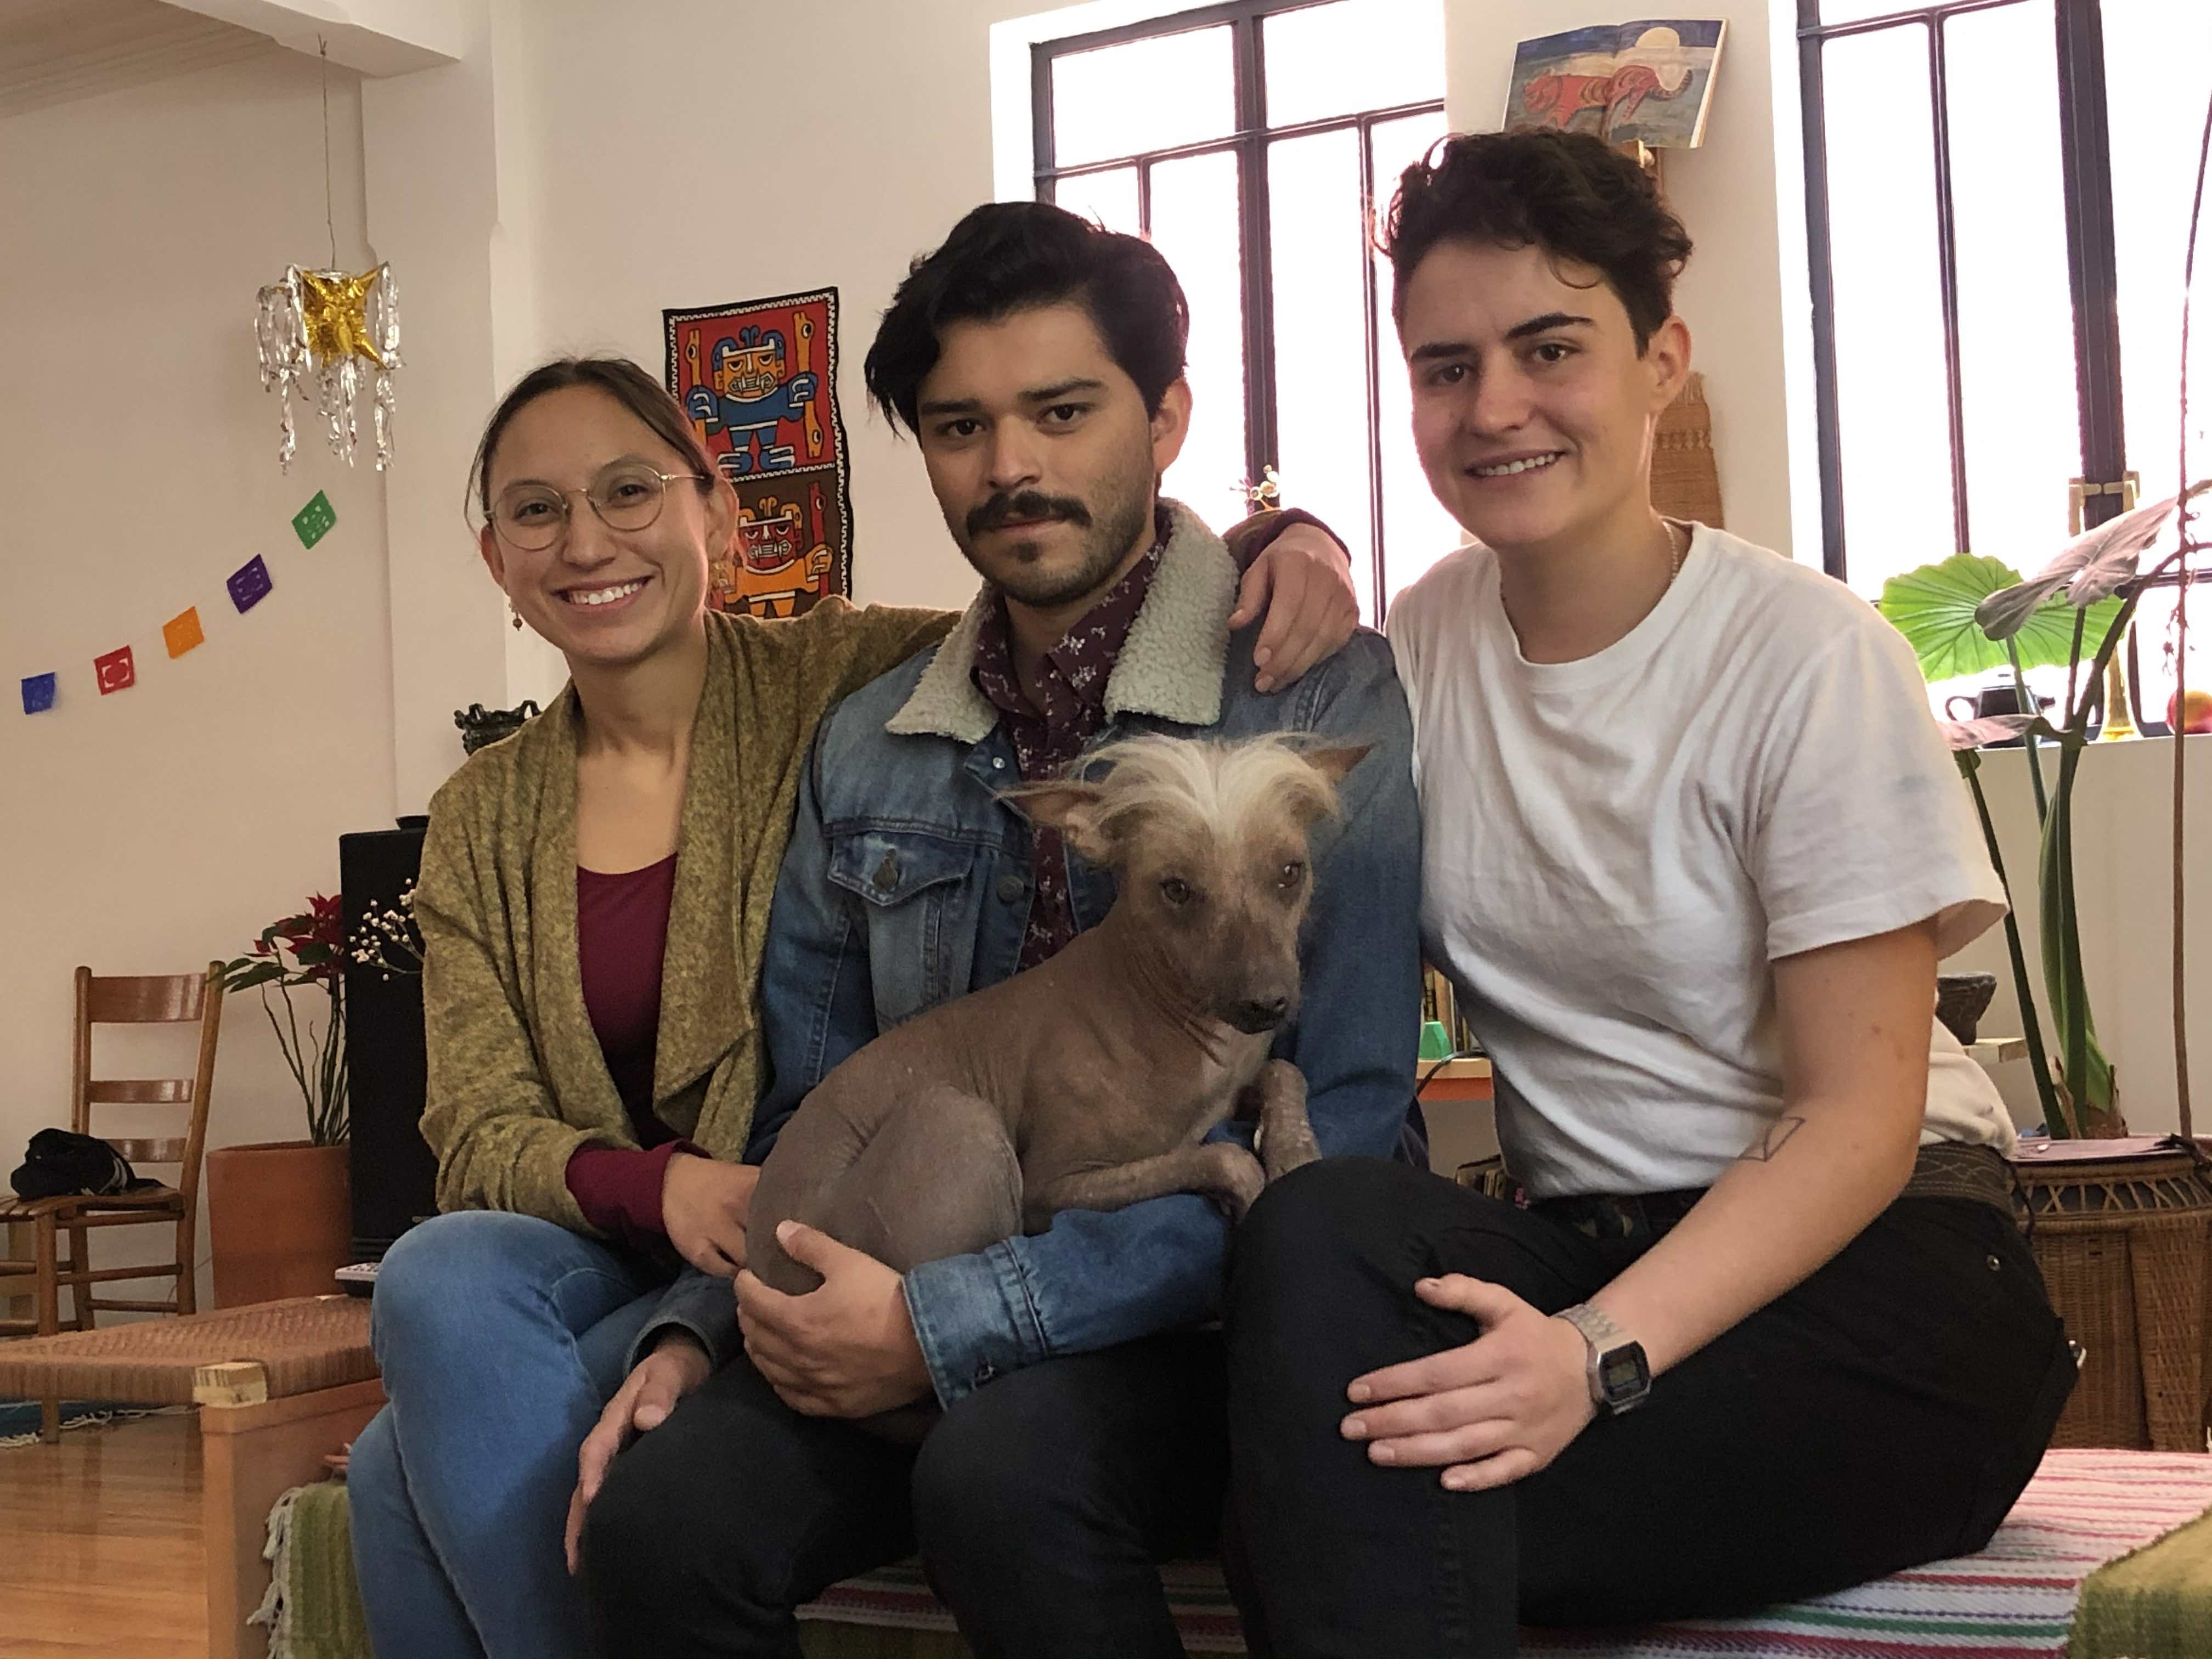 Fernanda Itzel González, Mario Rodríguez Jaramillo y Ana Segovia, Ciudad de México, enero 2020. Foto: Sandra Sánchez